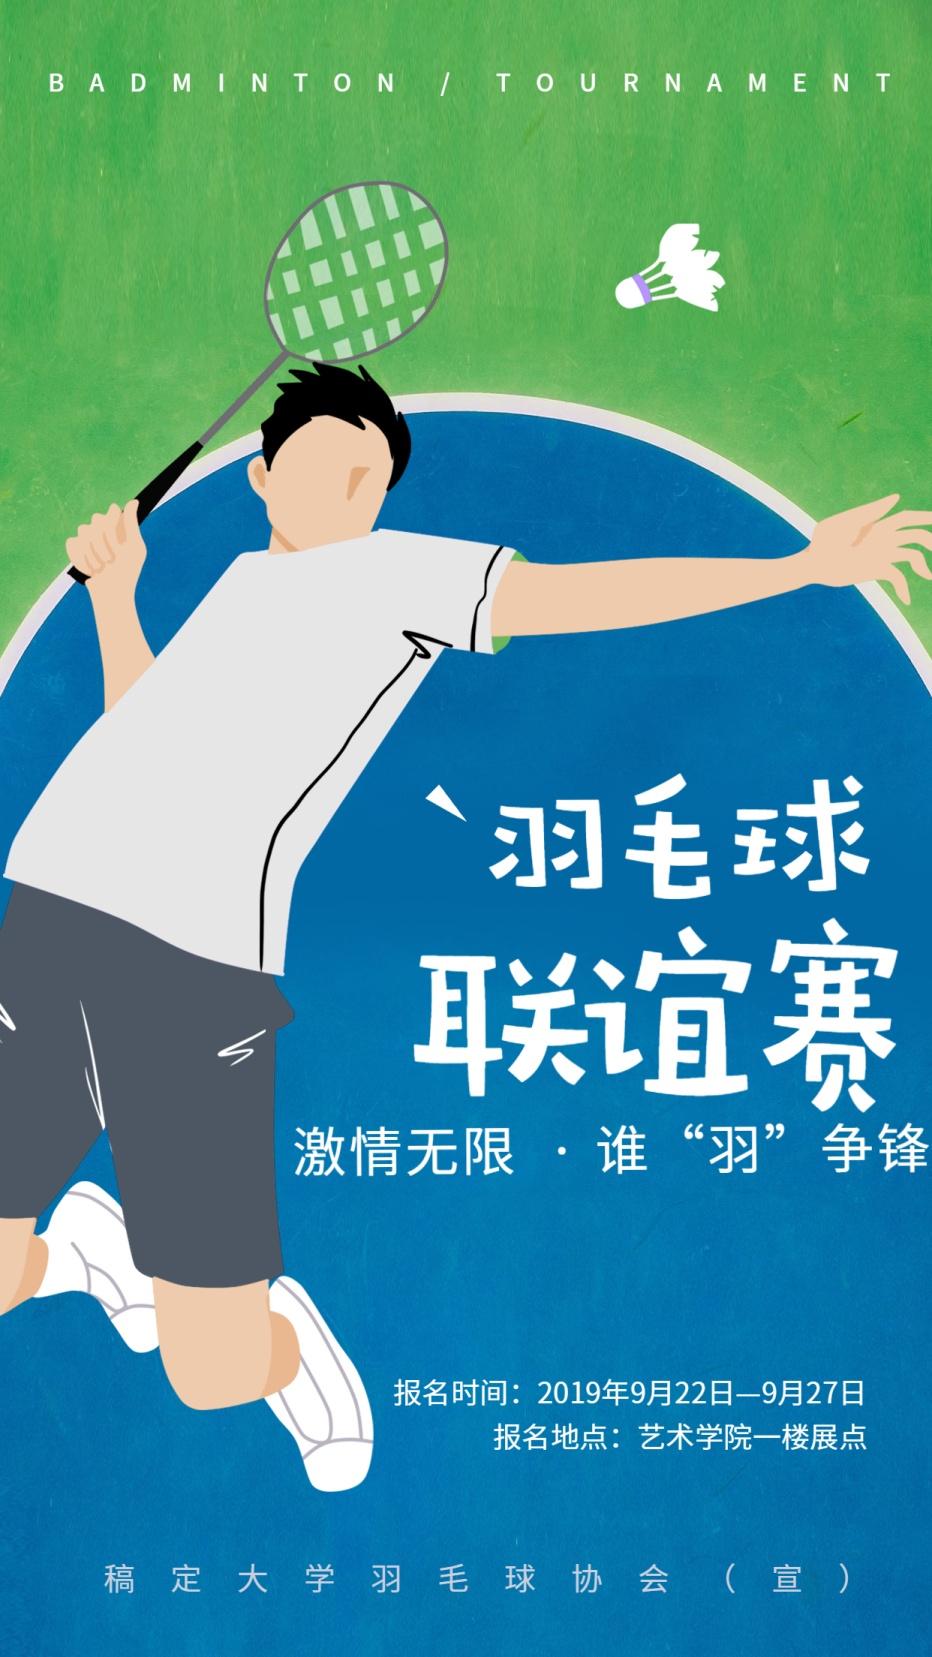 羽毛球联谊比赛手机海报